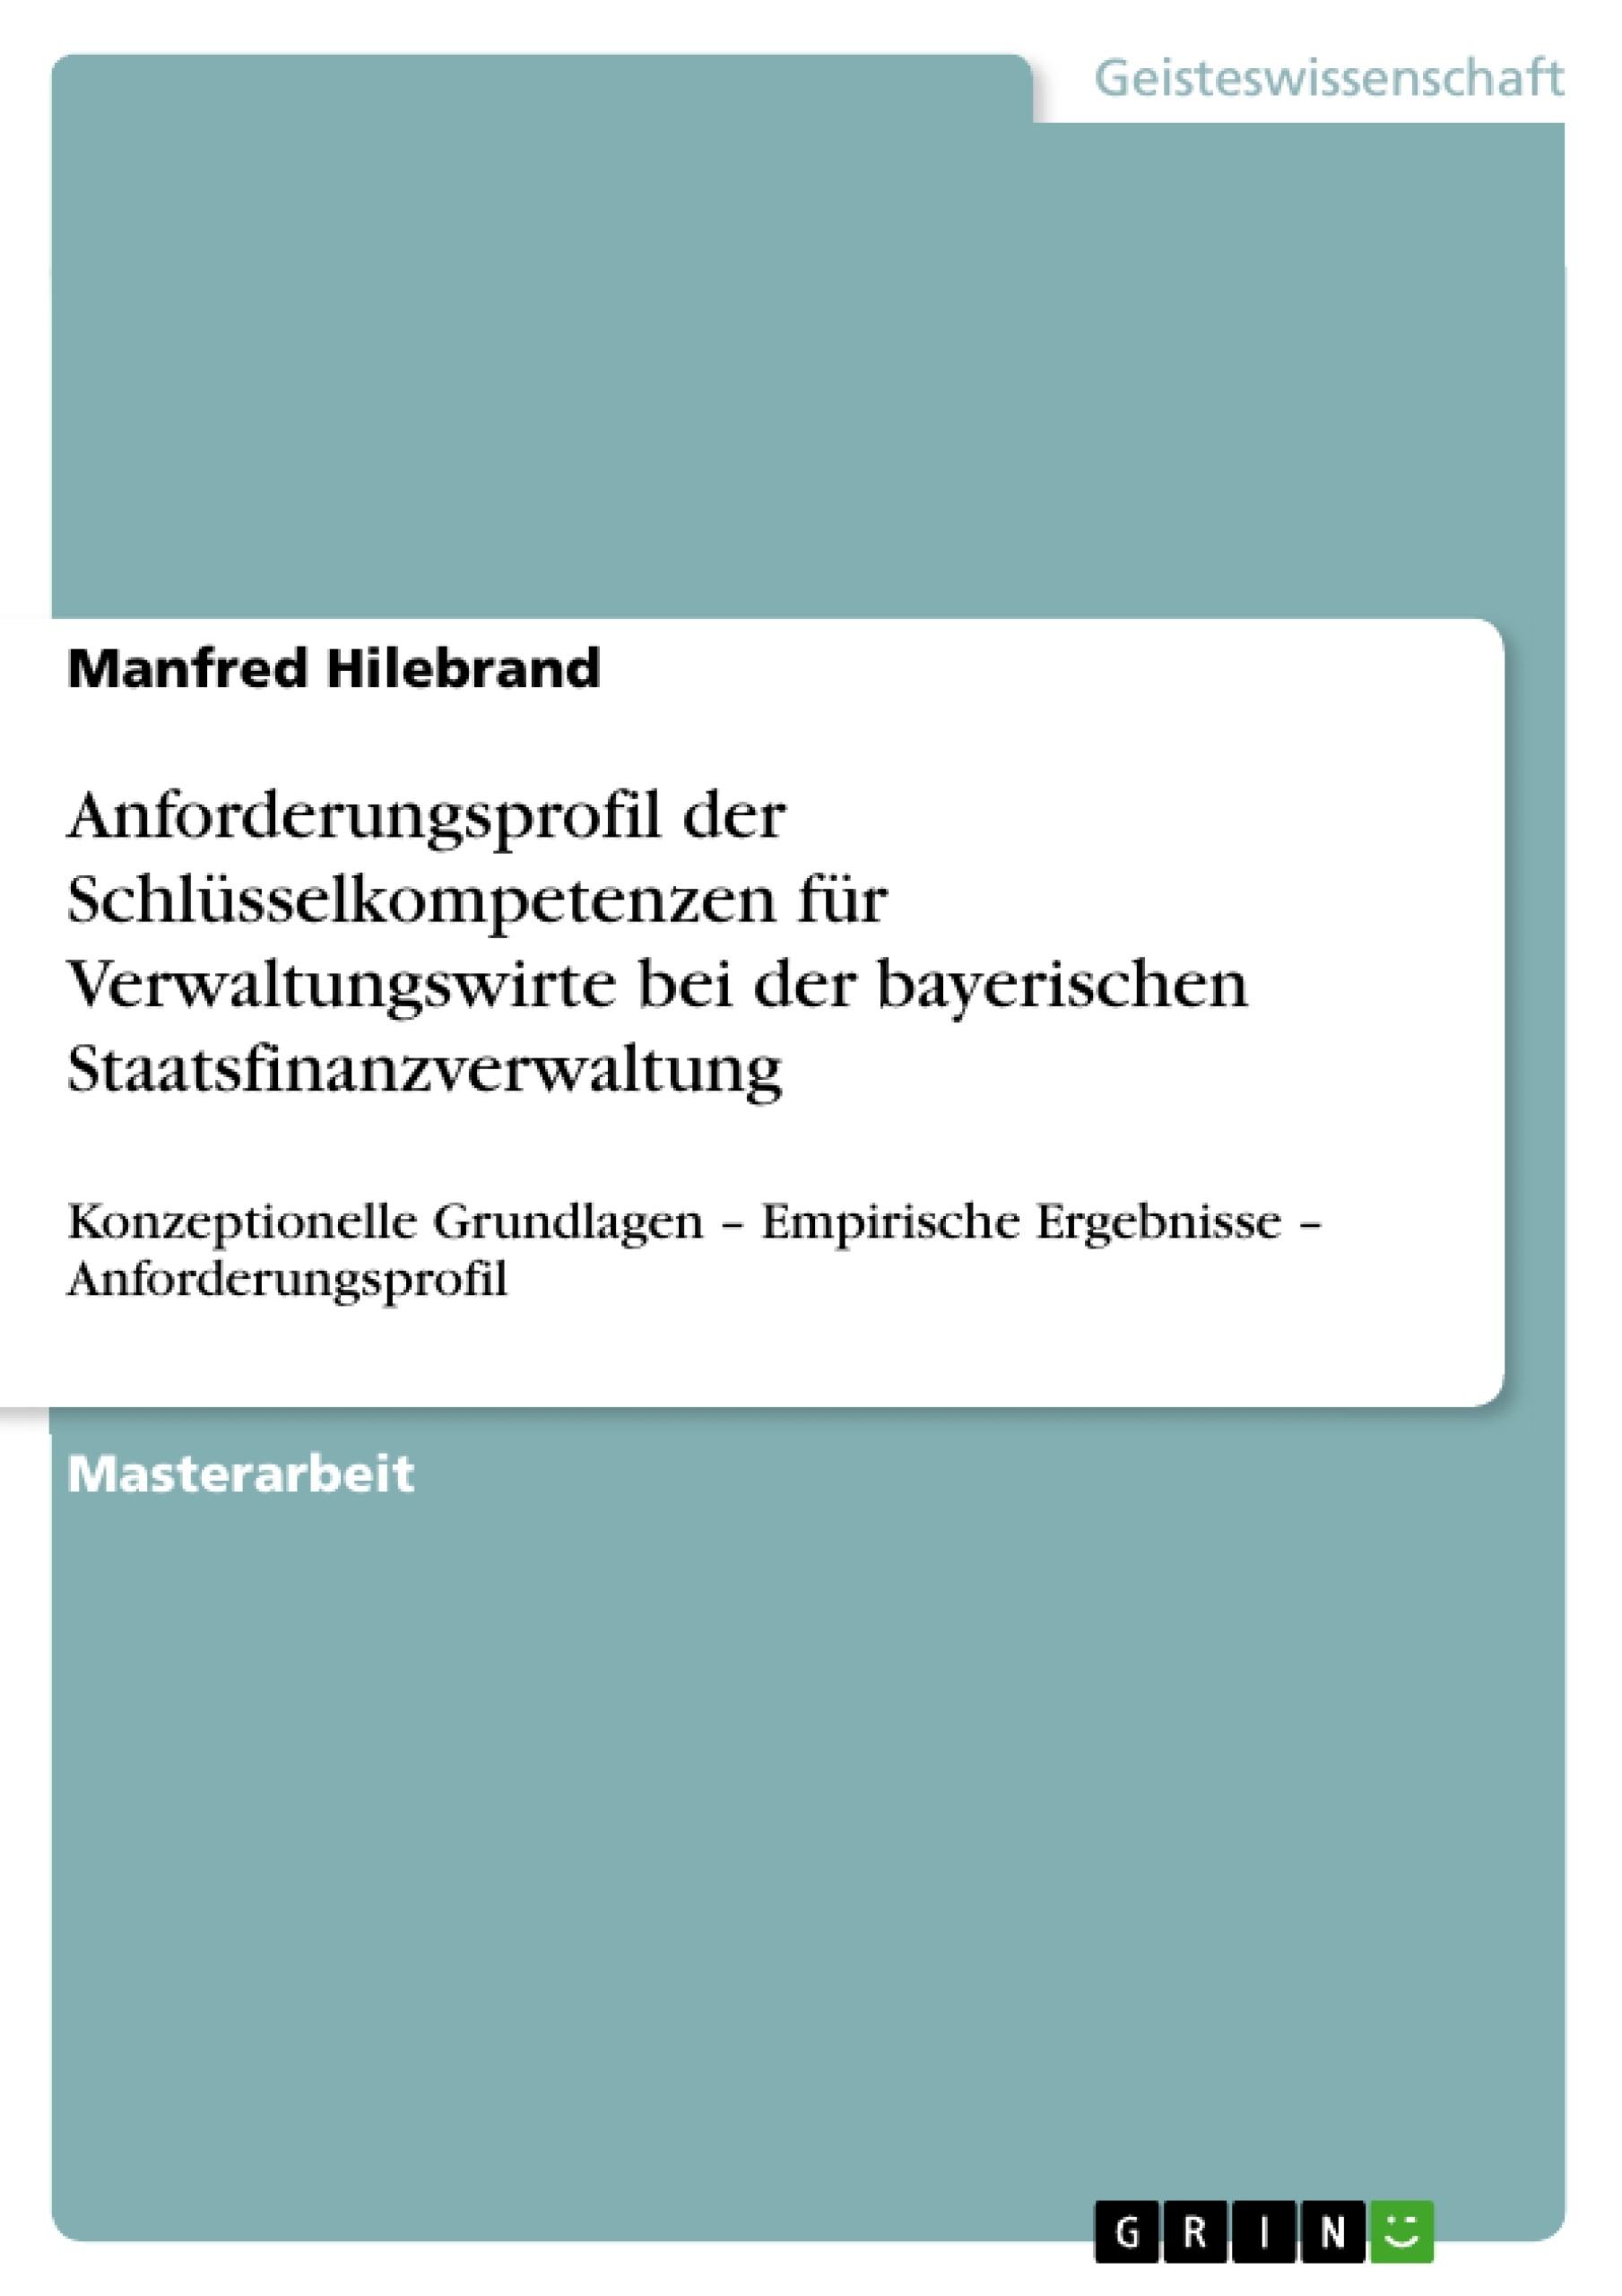 Titel: Anforderungsprofil der Schlüsselkompetenzen für Verwaltungswirte bei der bayerischen Staatsfinanzverwaltung